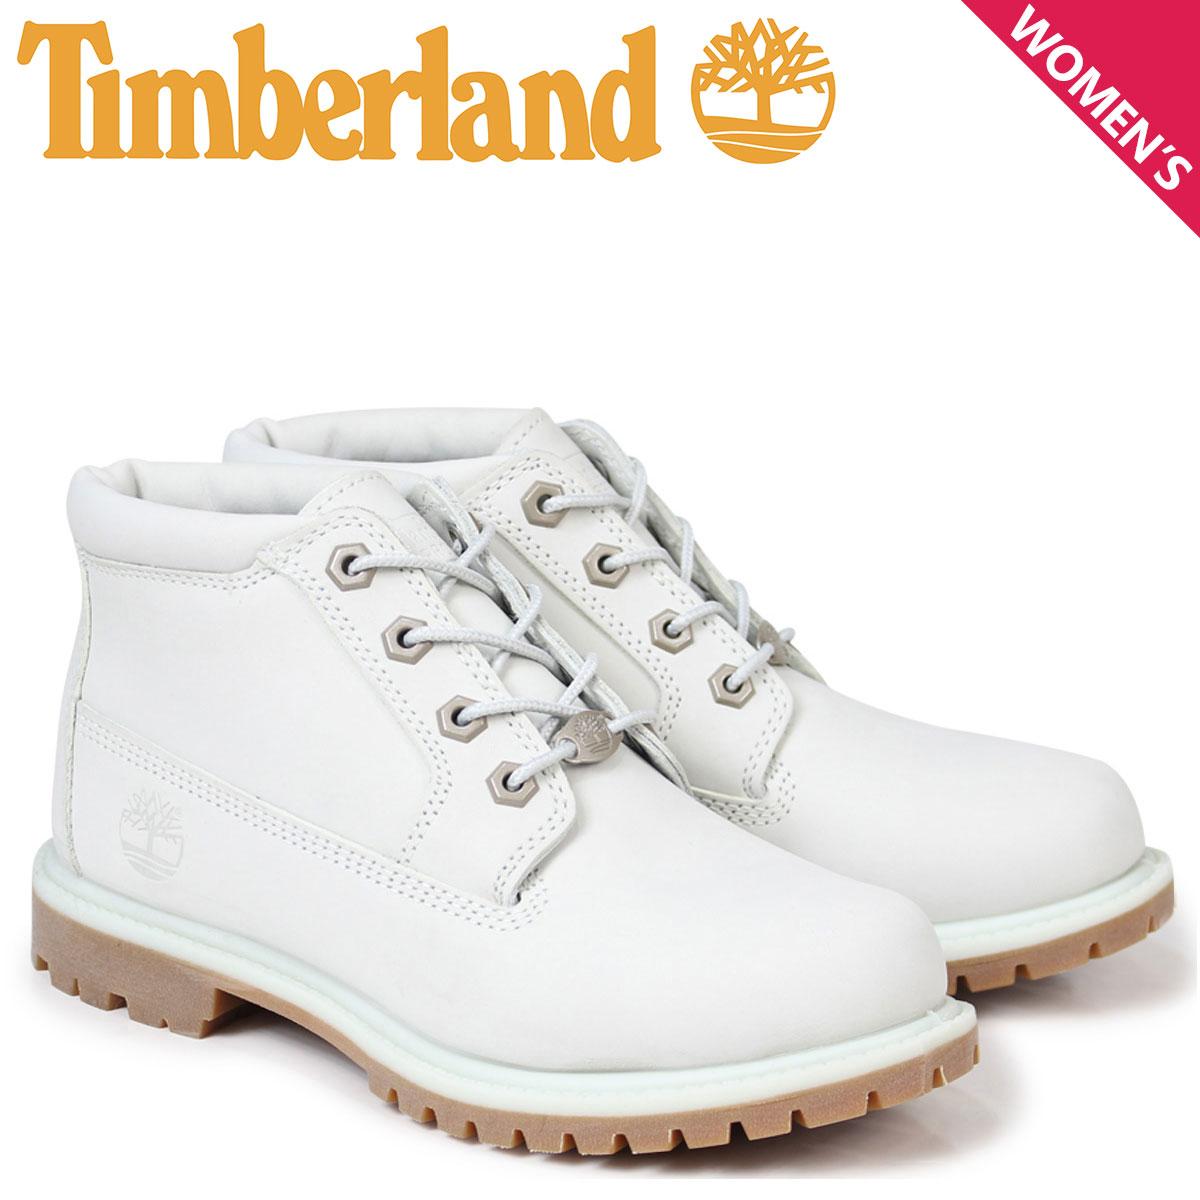 ティンバーランド Timberland チャッカ BOOTS レディース CHUKKA ブーツ WOMEN'S NELLIE WATERPROOF NELLIE CHUKKA BOOTS A1NDK Wワイズ ライトブルー, 嬉野町:57ff5fc2 --- ww.thecollagist.com